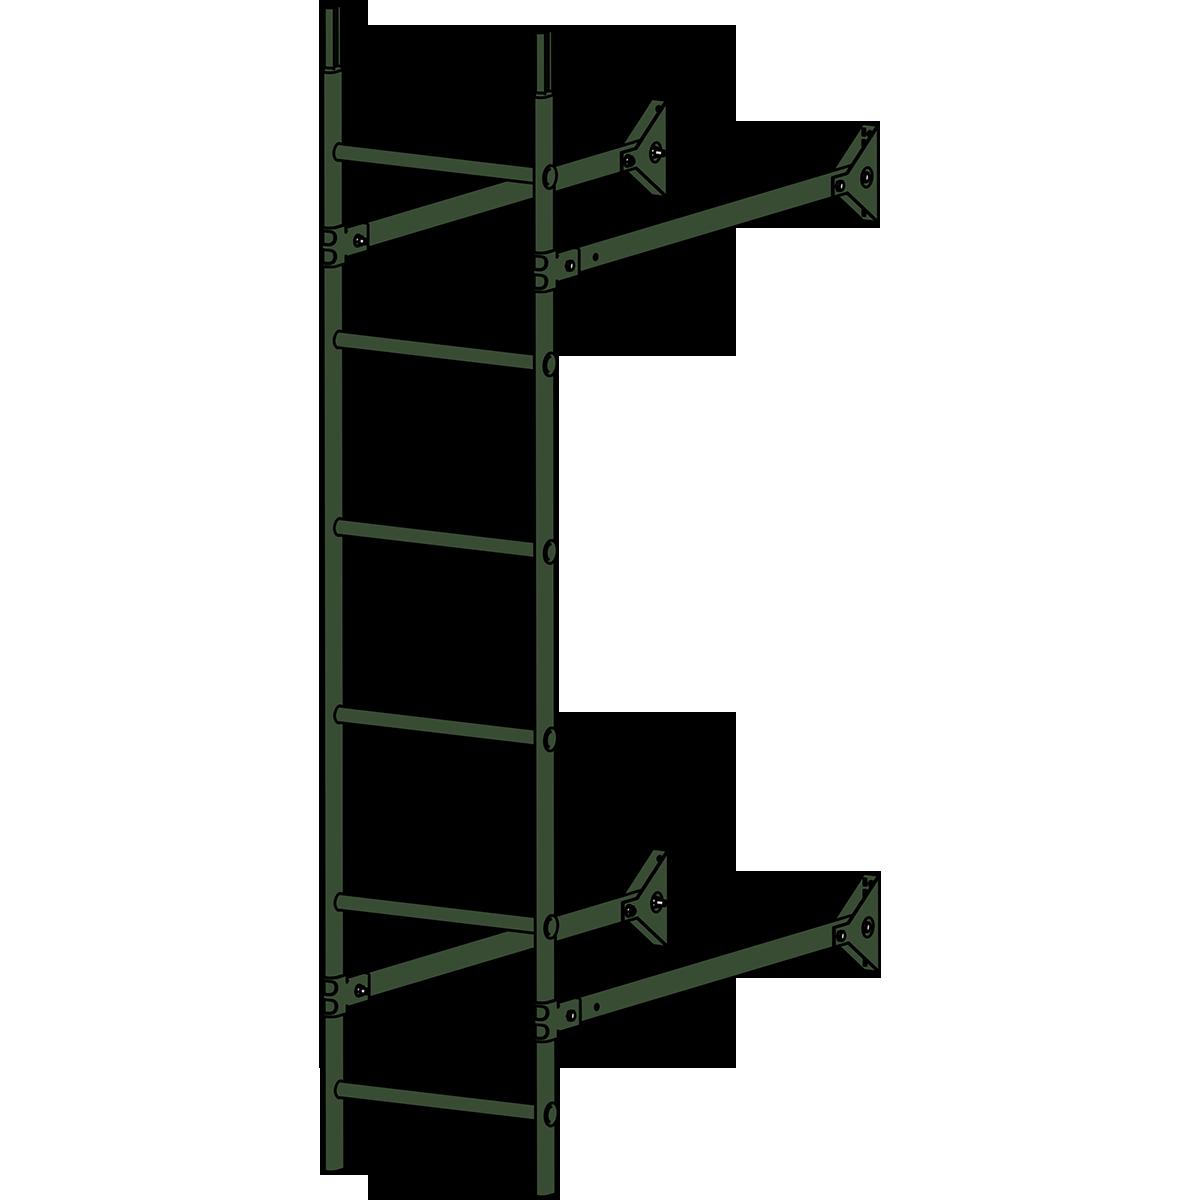 Лестница стеновая ROOFSYSTEMS ELITE 400 1,8 м RAL 6020 Зеленый хром